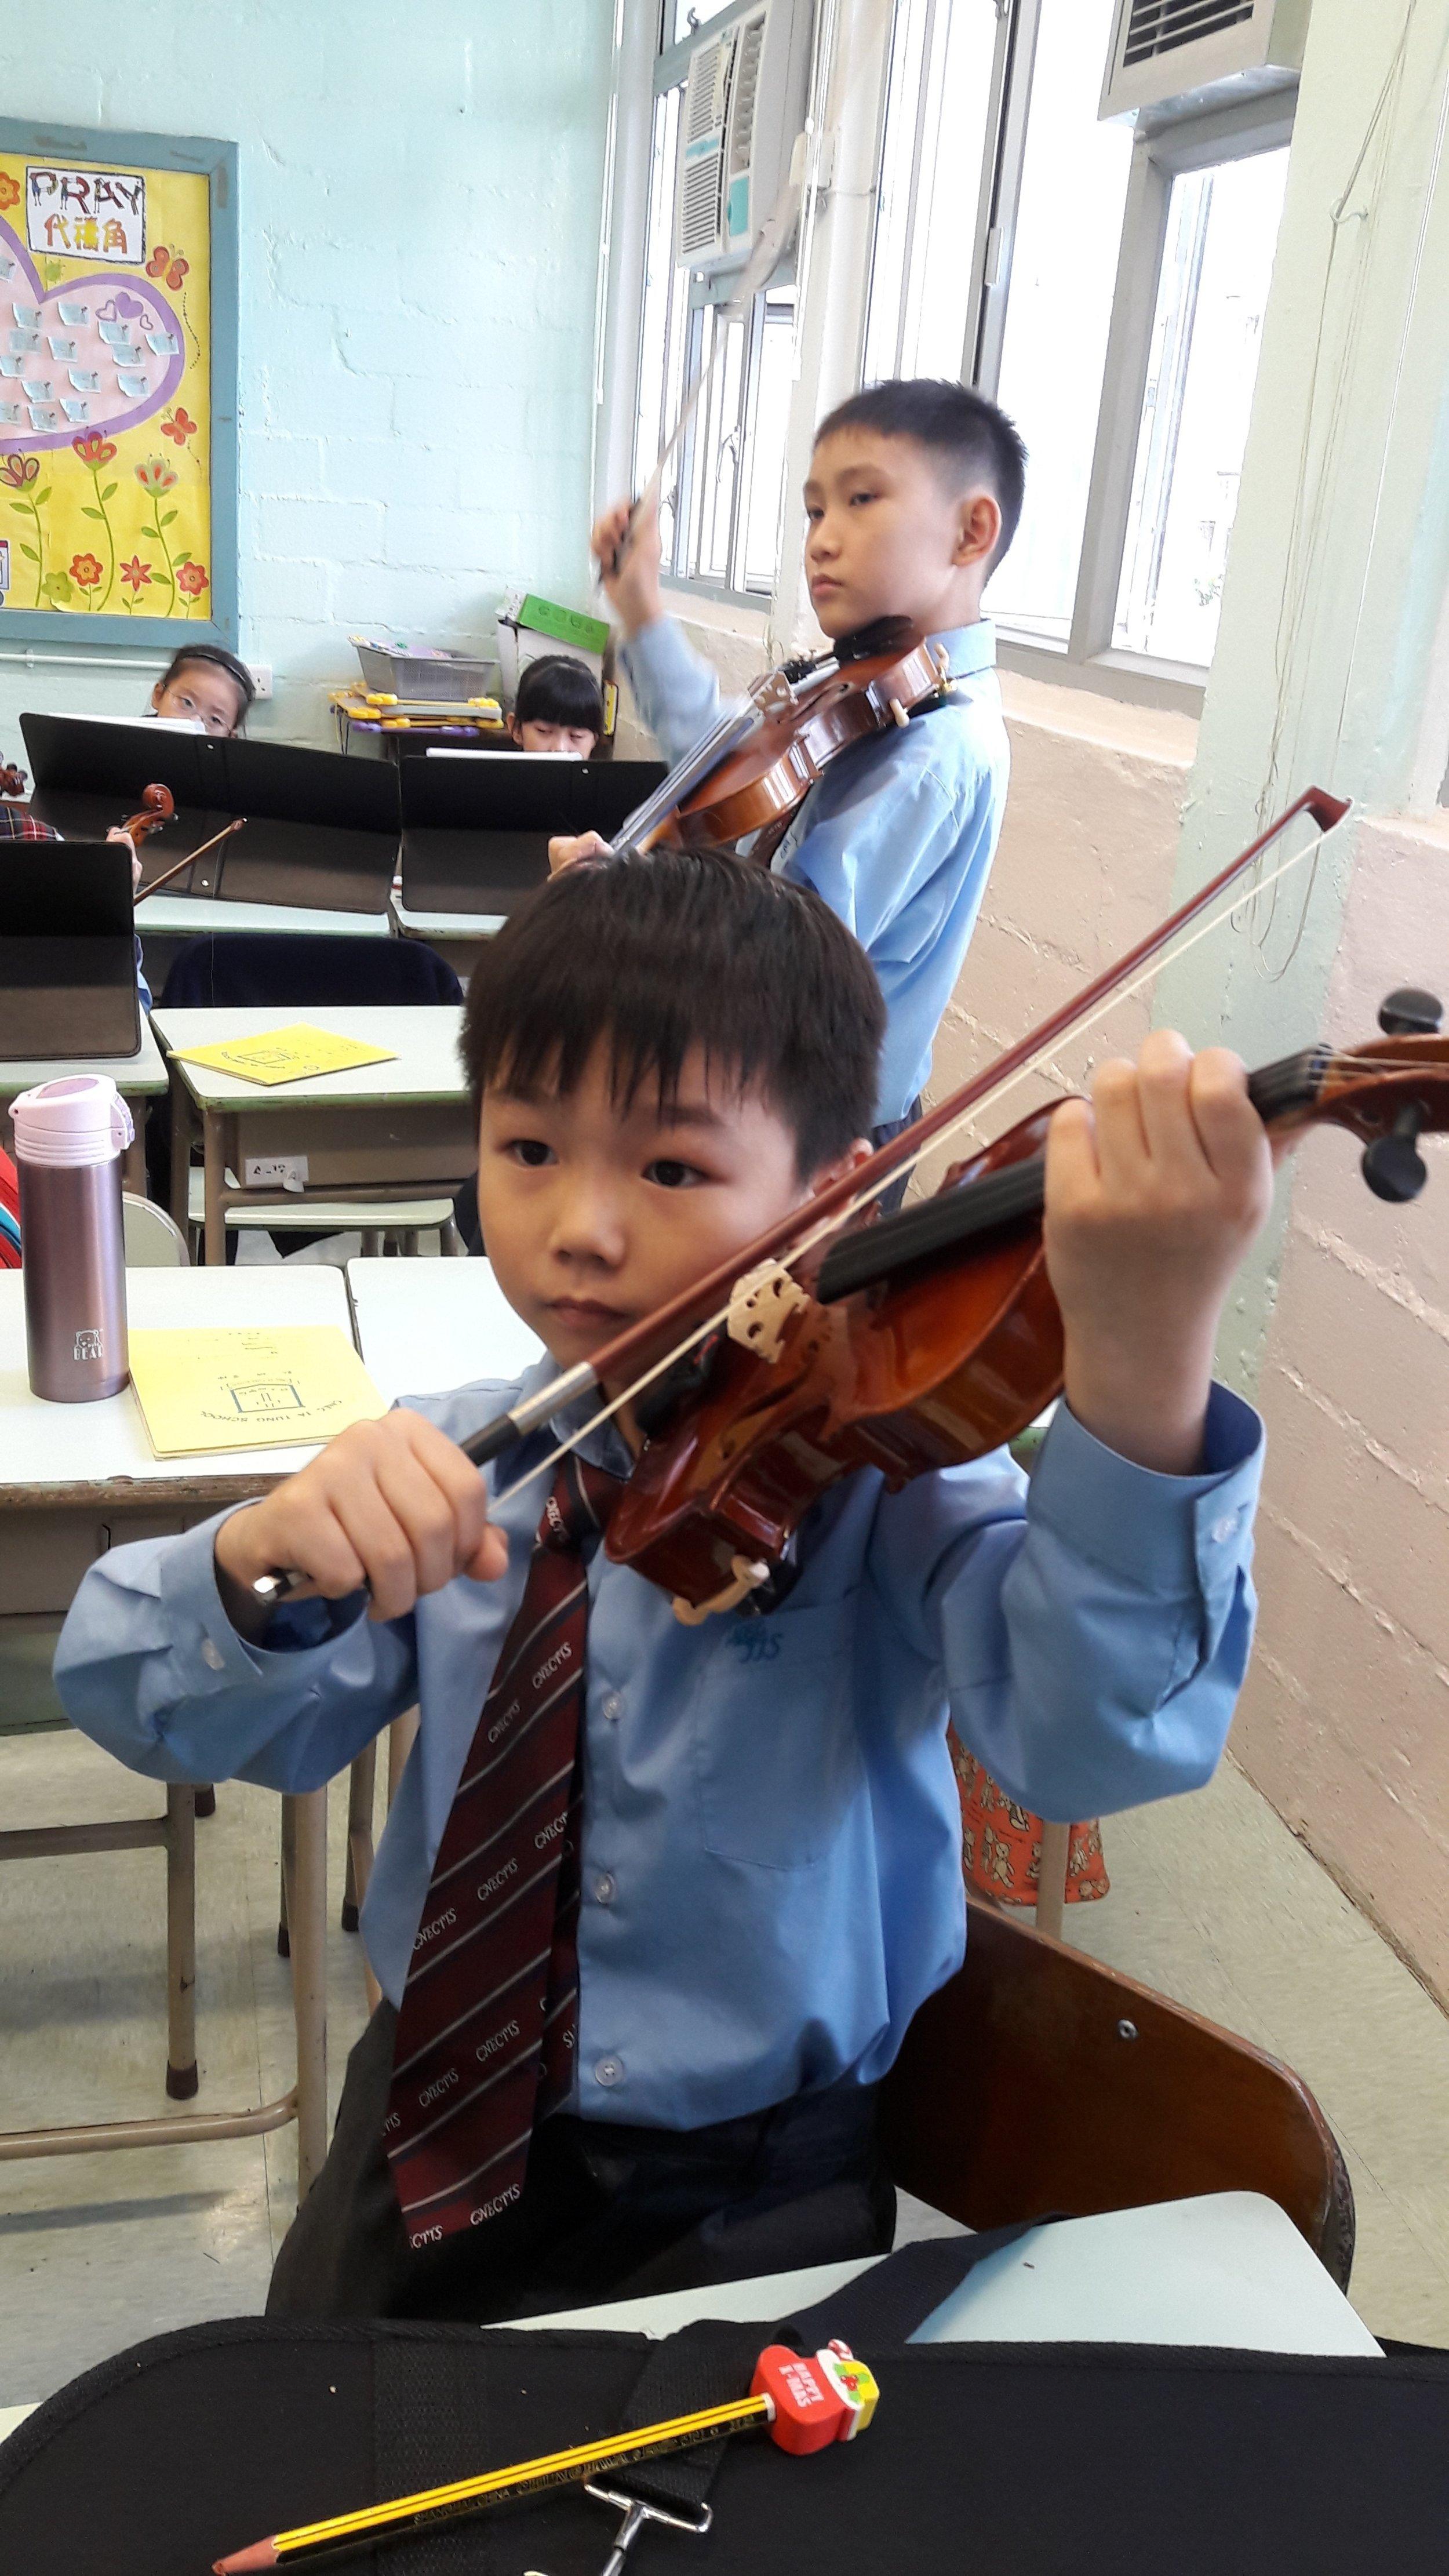 同學認真地拉奏小提琴